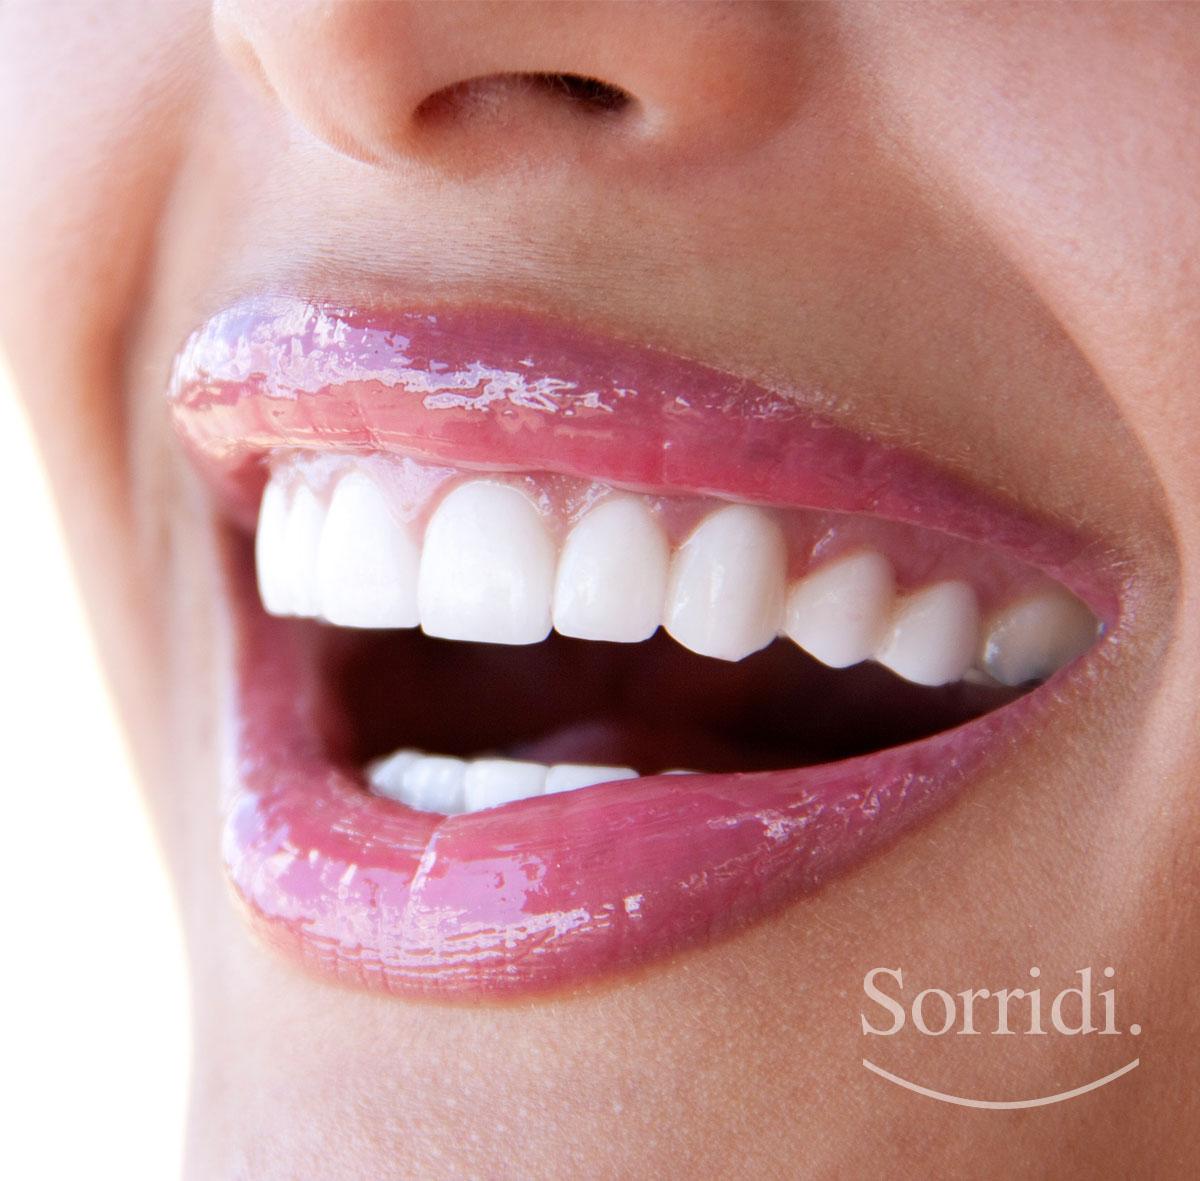 sorridi-ch-sbiancamento-dentale-magazine-dentista-locarno